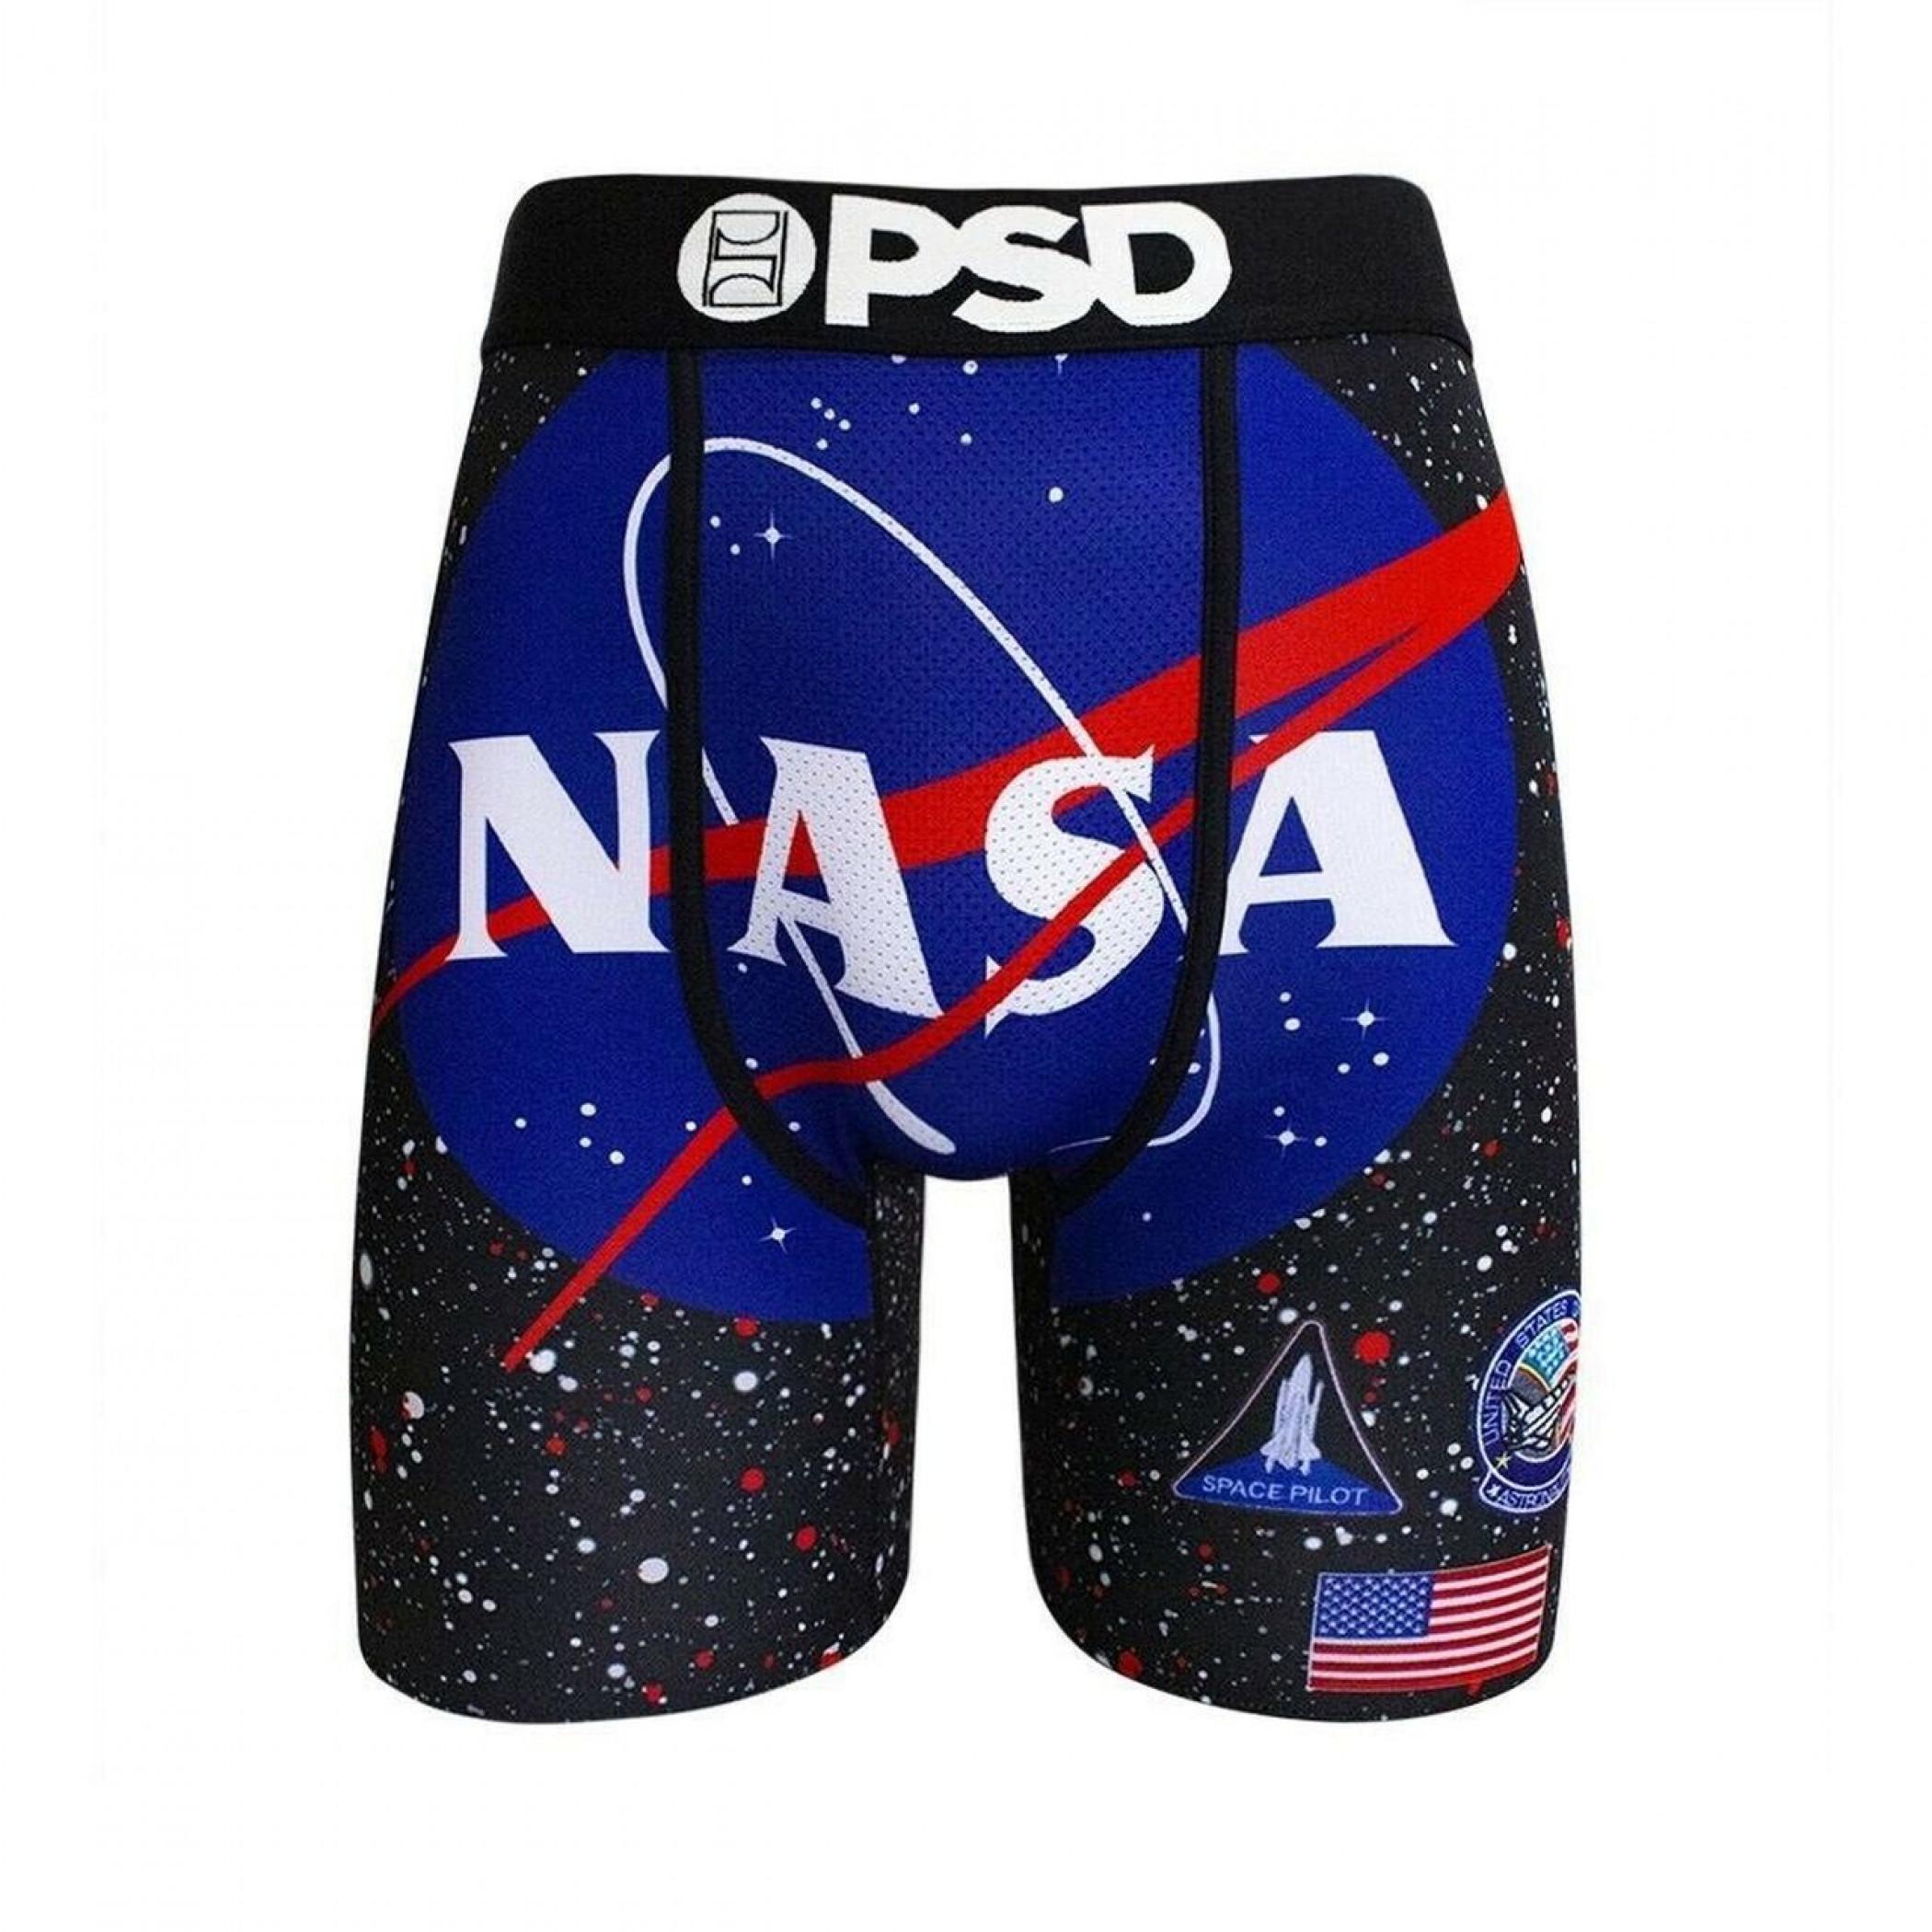 NASA Men's Black Boxer Briefs